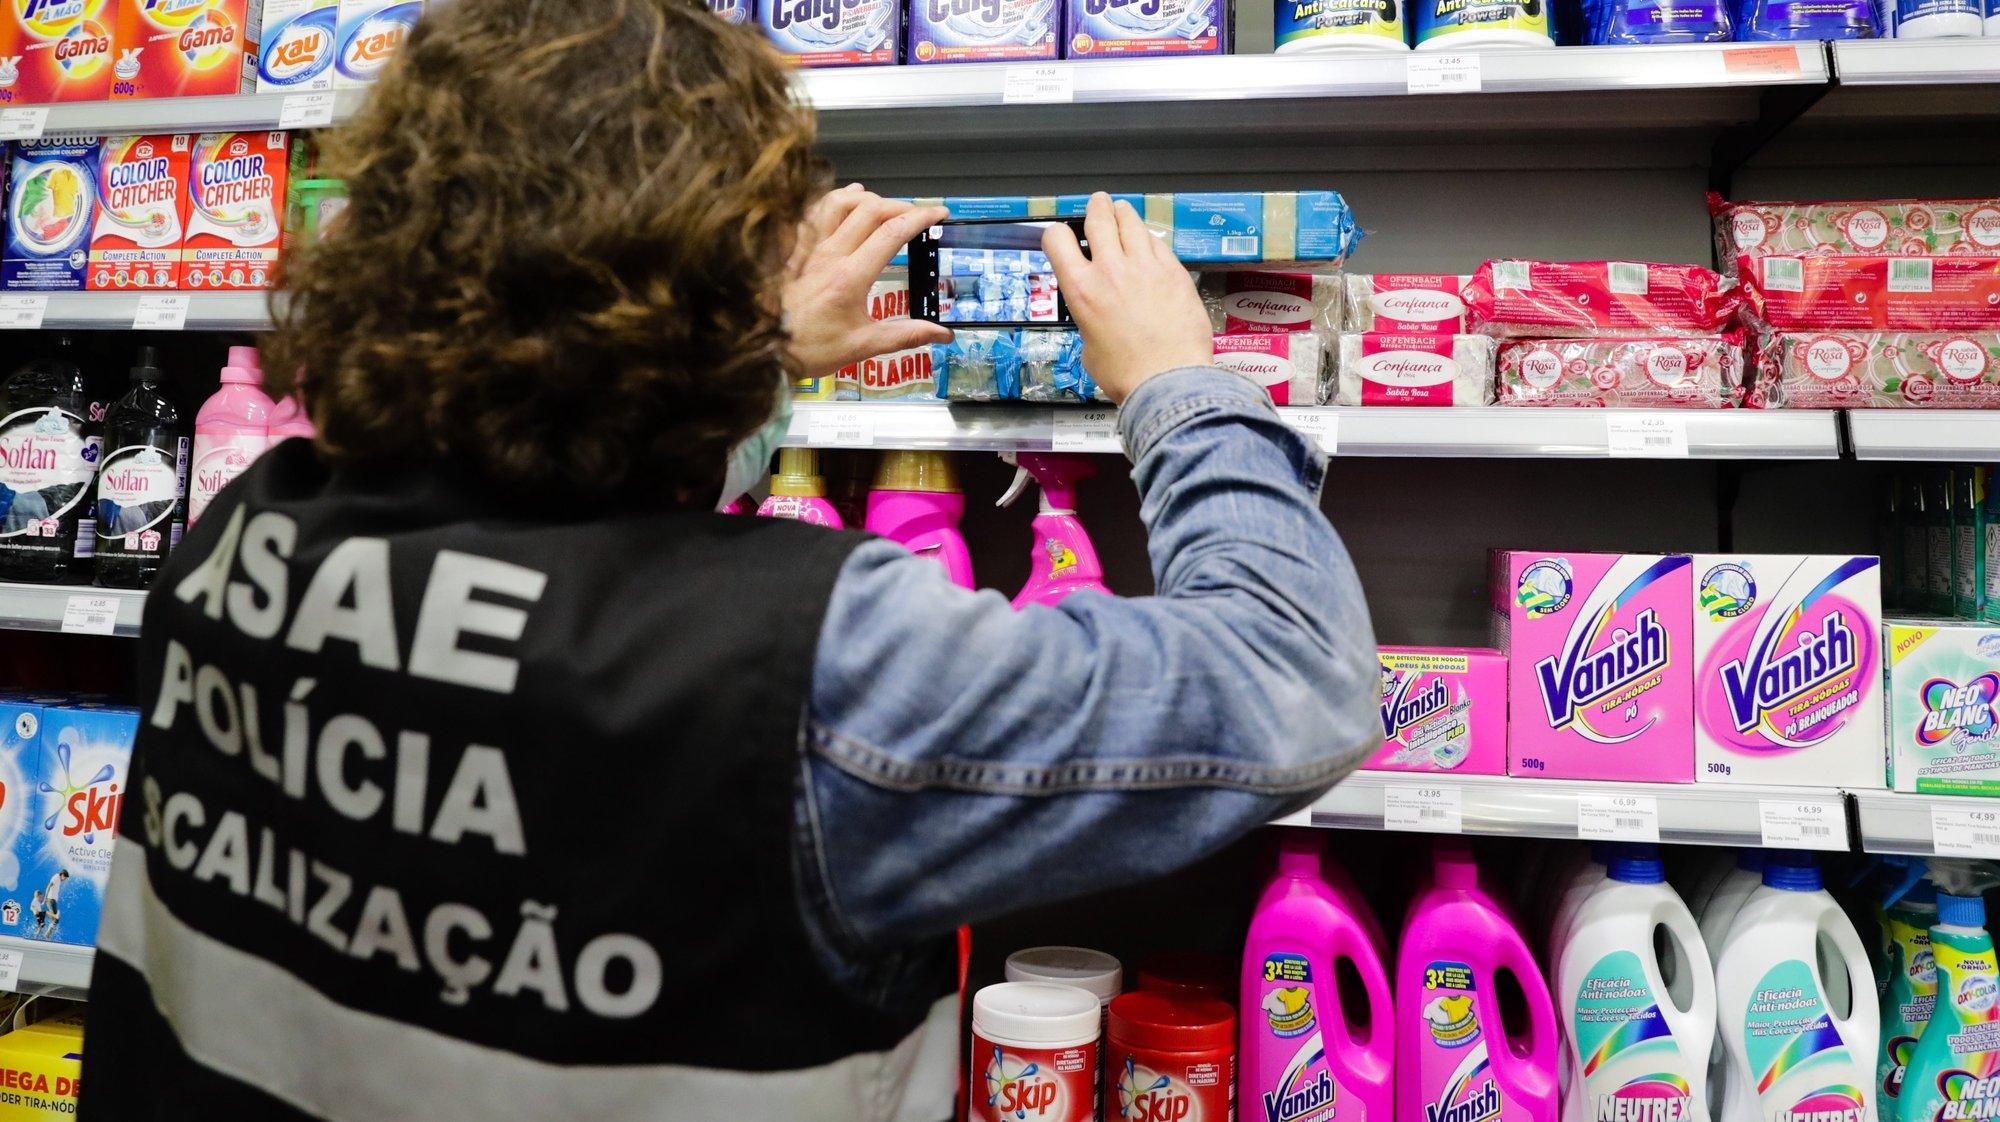 Uma equipa de fiscalização da ASAE verifica preços e embalagens de álcool gel, e máscaras numa loja de artigos médicos em Moscavide, 23 de abril de 2020. Cerca de quatro dezenas de equipas da ASAE iniciaram uma ação de fiscalização por todo o país do preço dos artigos de proteção e limpeza. TIAGO PETINGA/LUSA